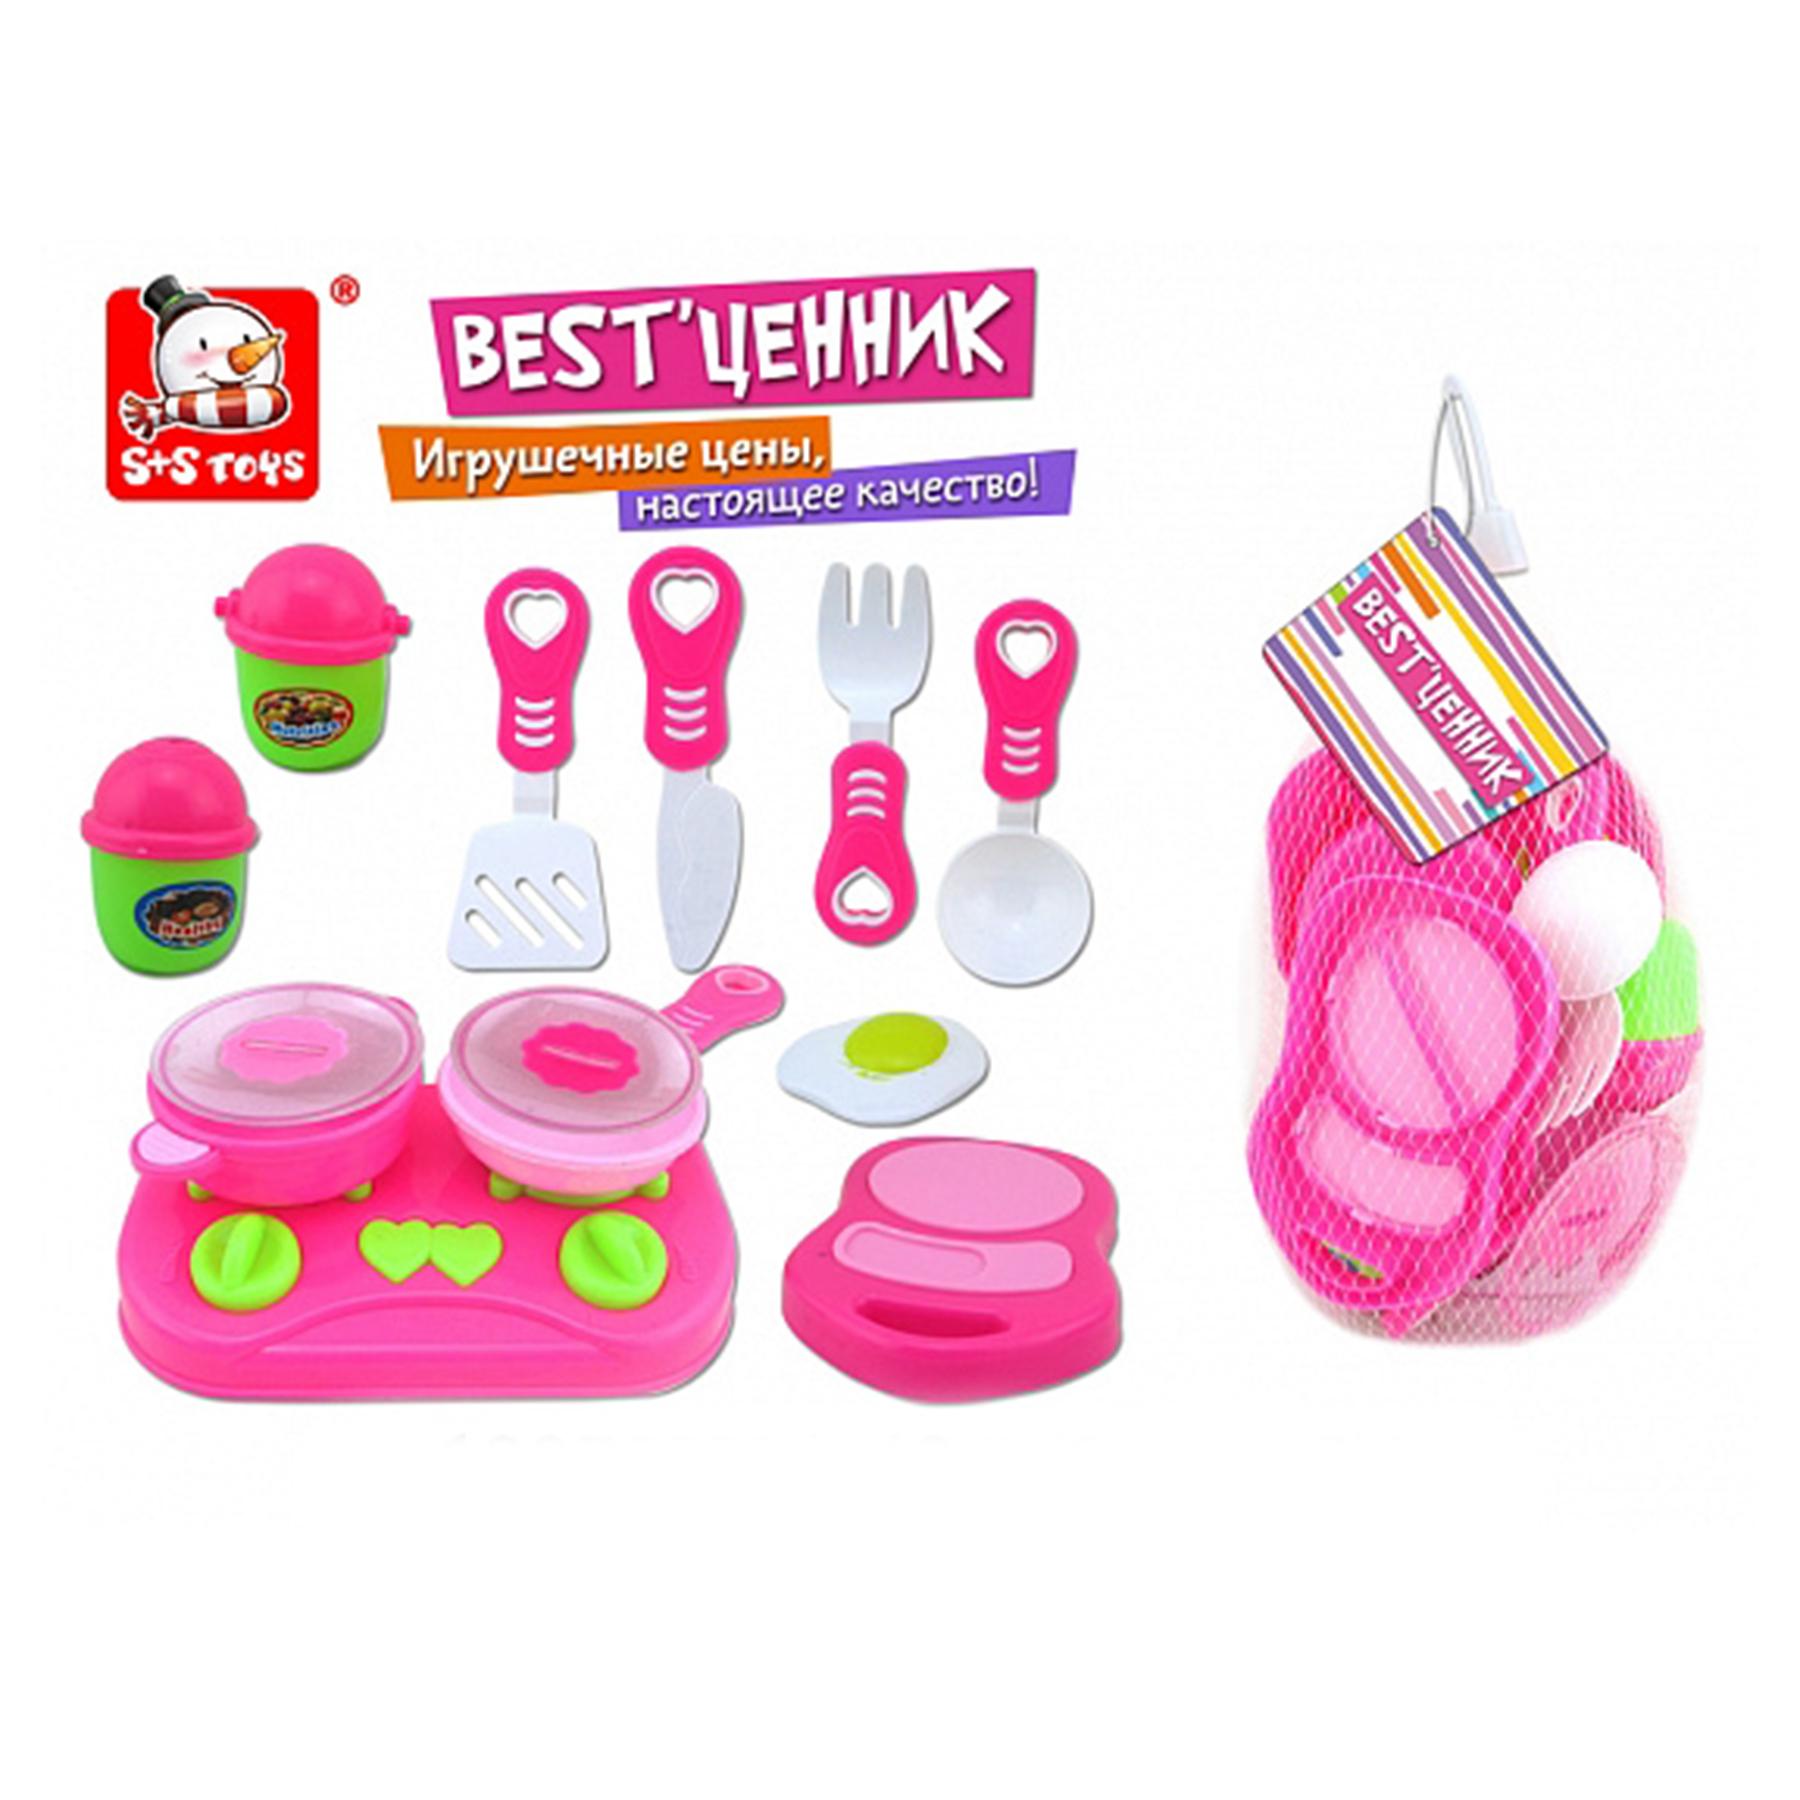 Набор посудки кухня 12,5*9,5*18см 100798886 (50704)